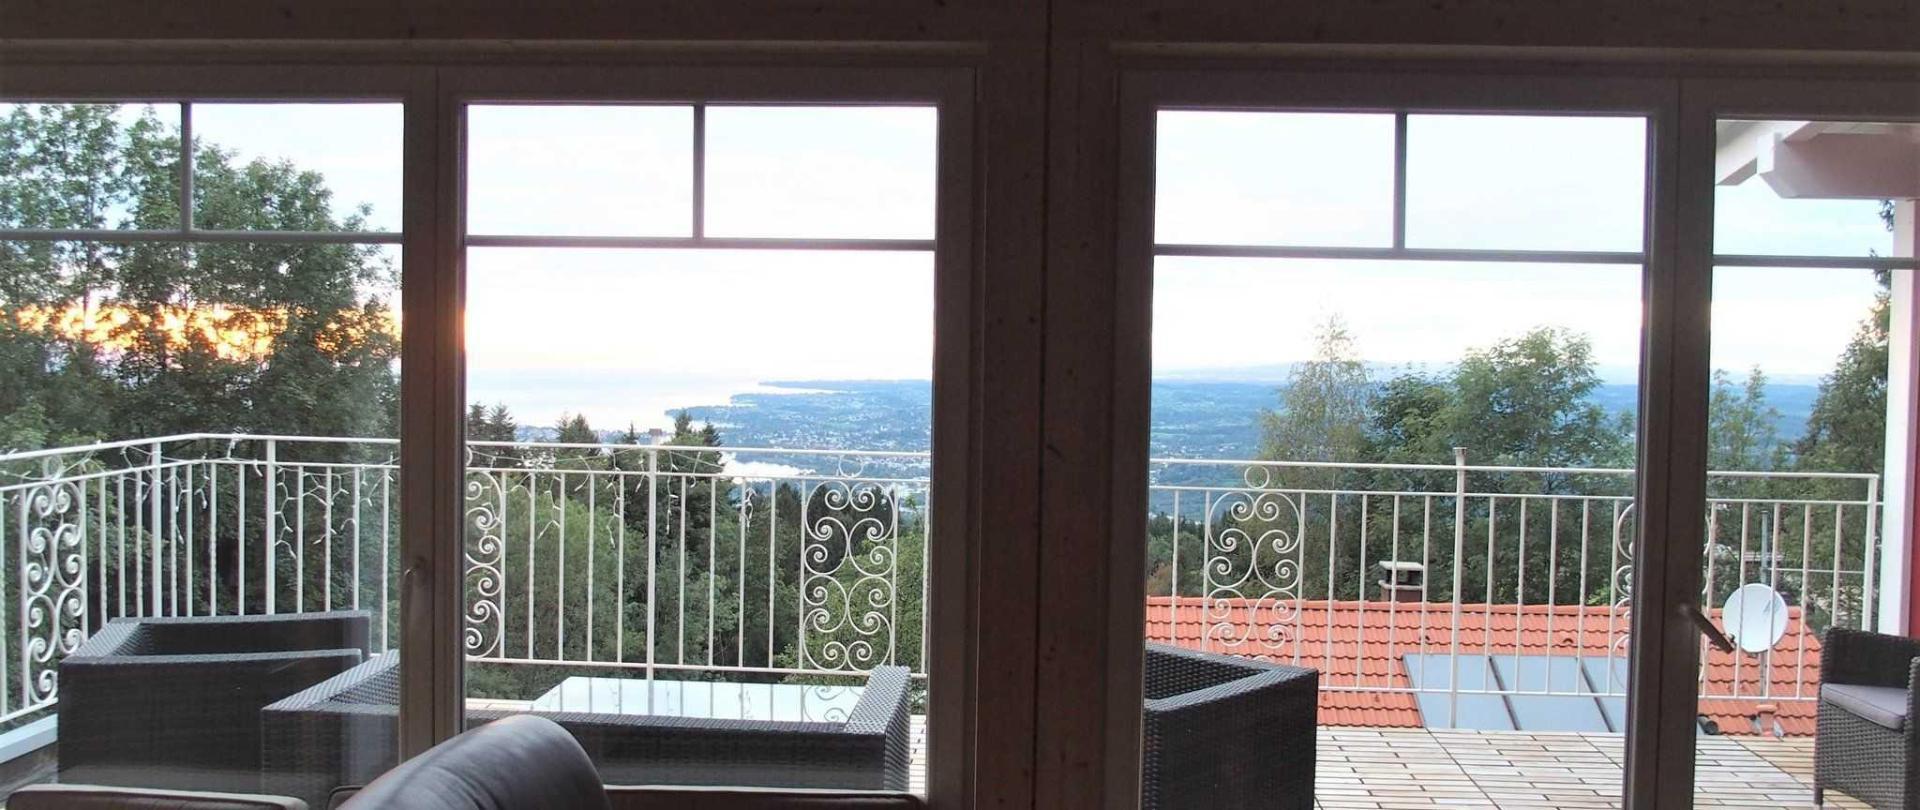 Ausblick aus dem Wohnbereich der Suite im 2. Stock